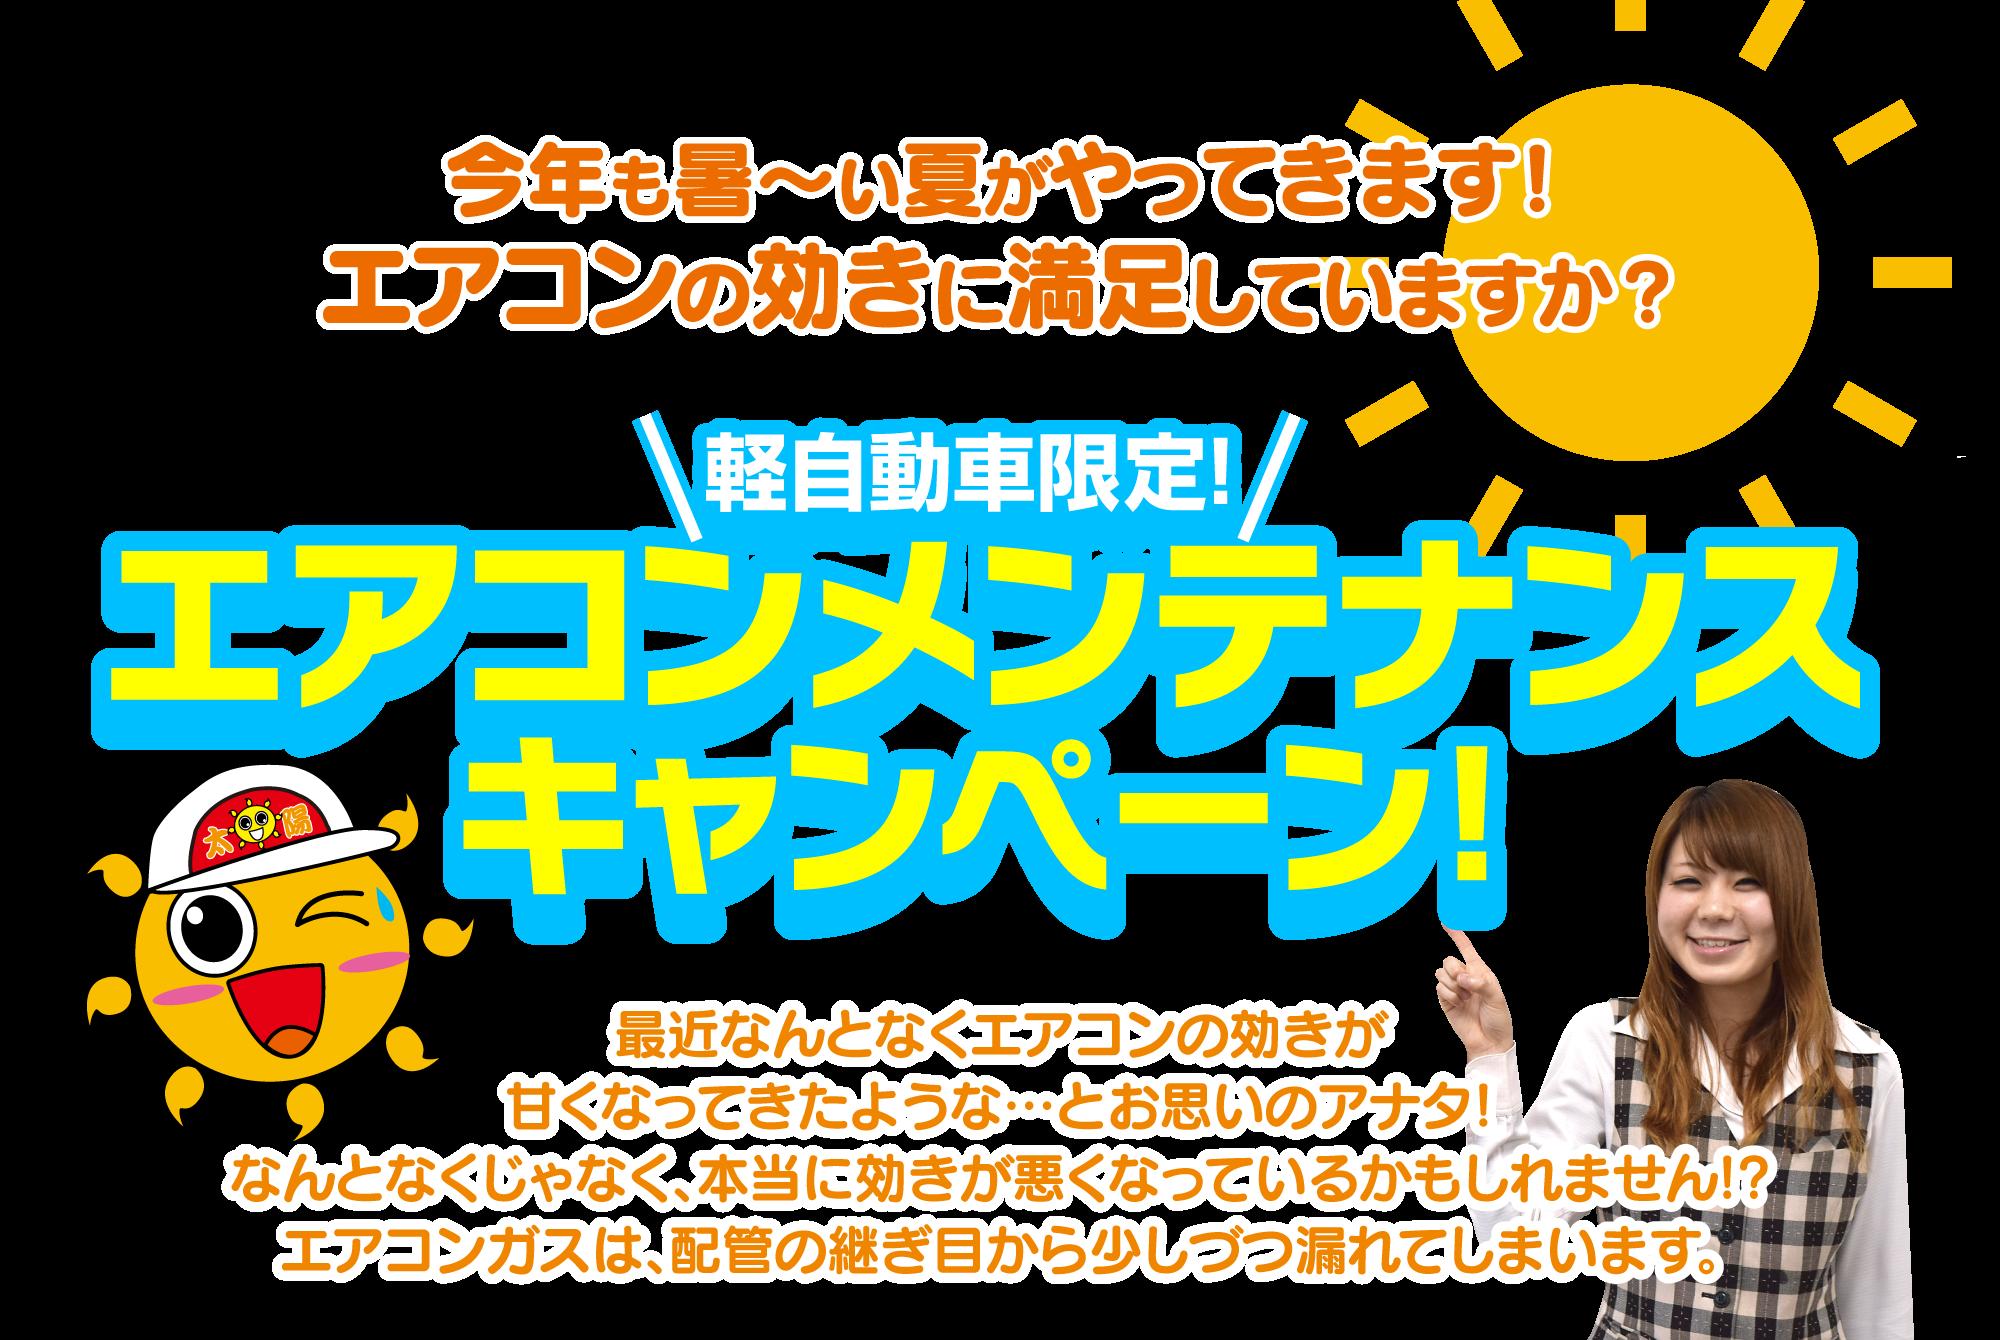 軽自動車限定!エアコンメンテナンス キャンペーン!